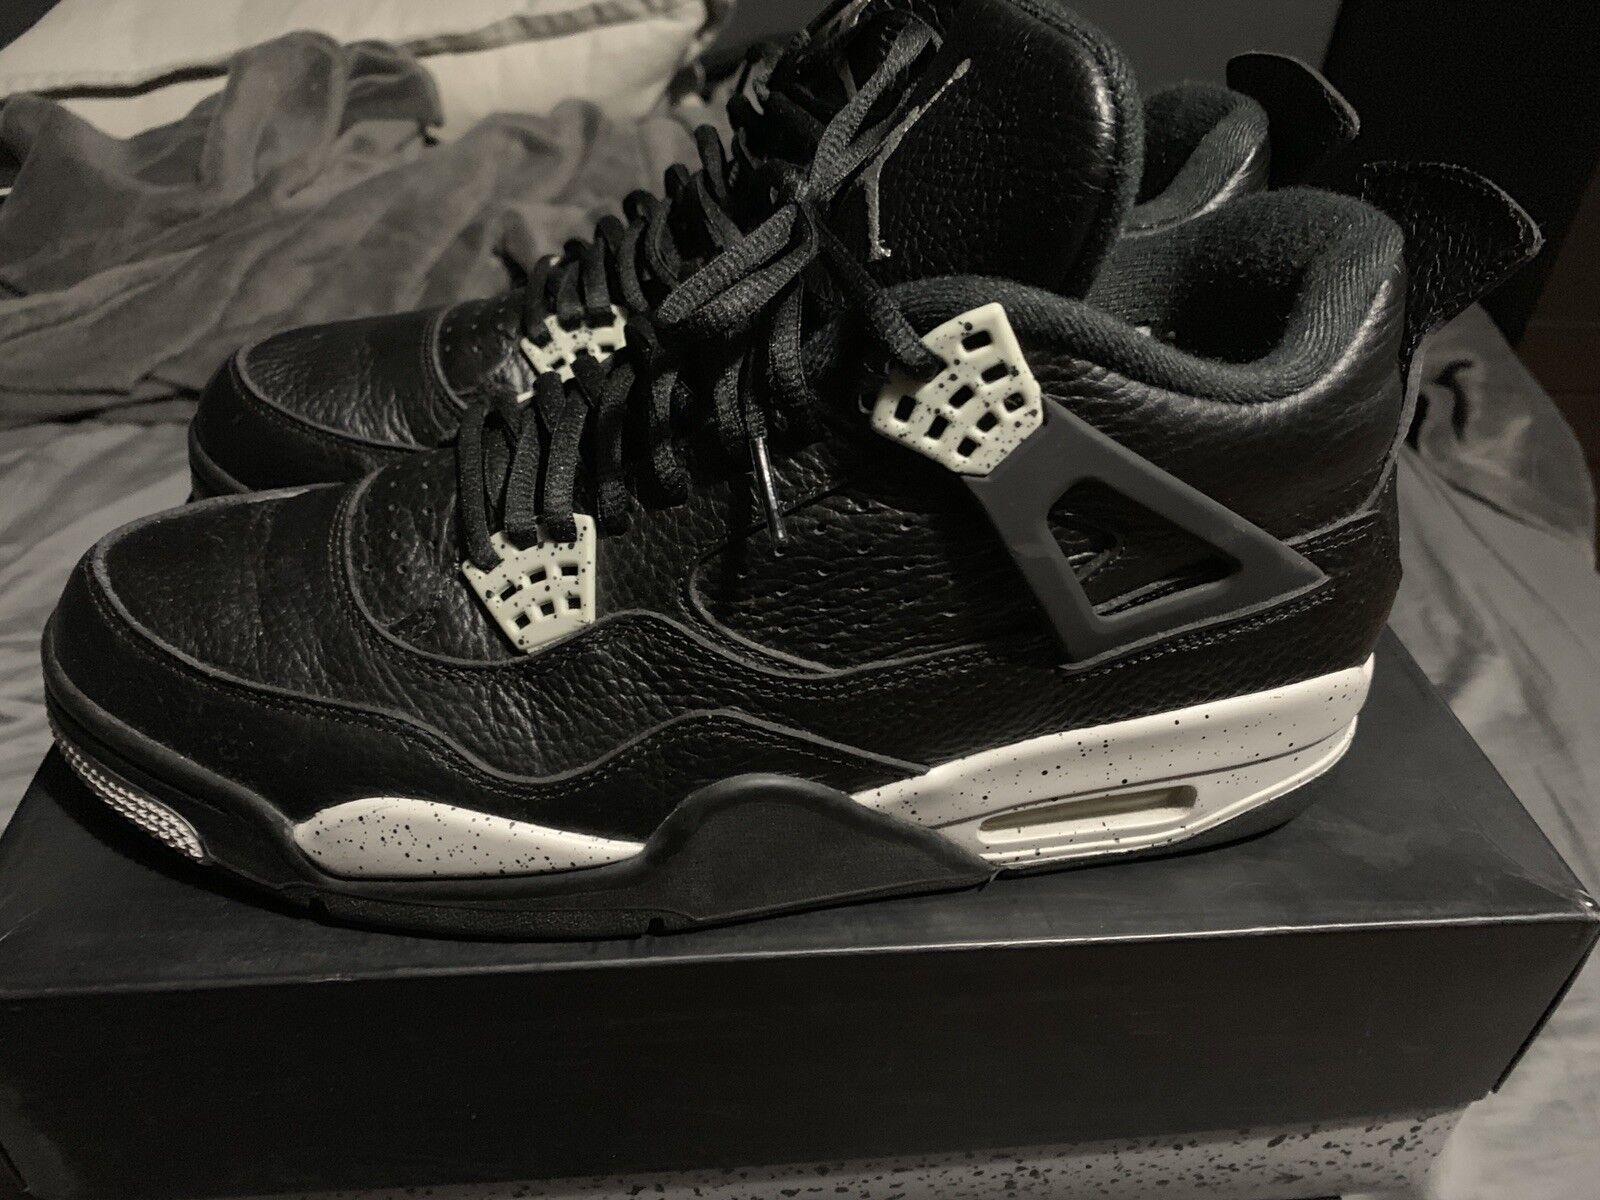 Nike Air Jordan Retro 4 Oreo